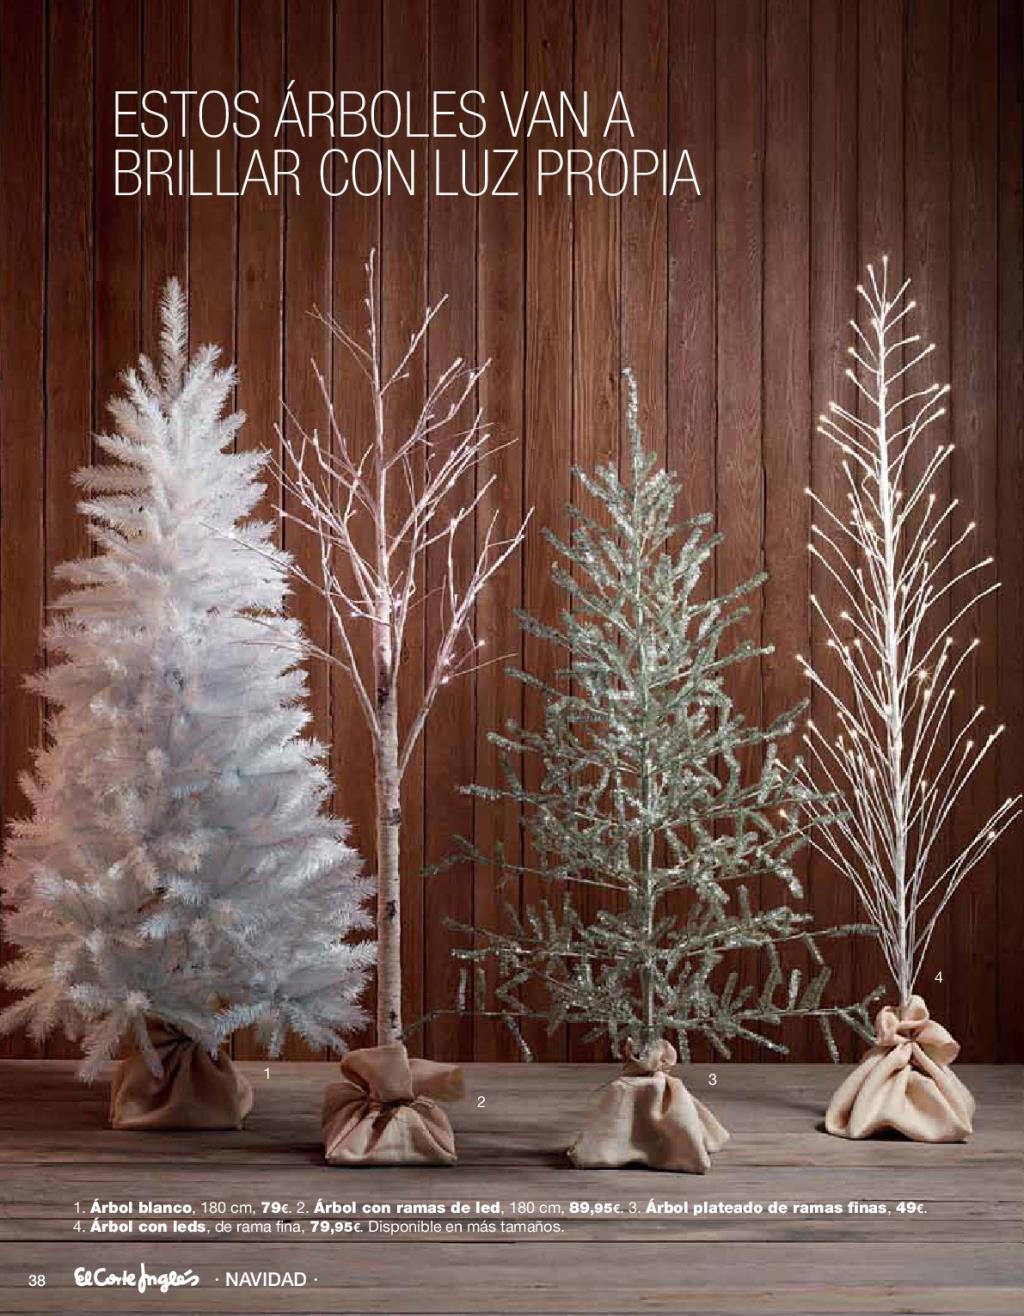 Navidad el corte ingles38 for El corte ingles decoracion navidad